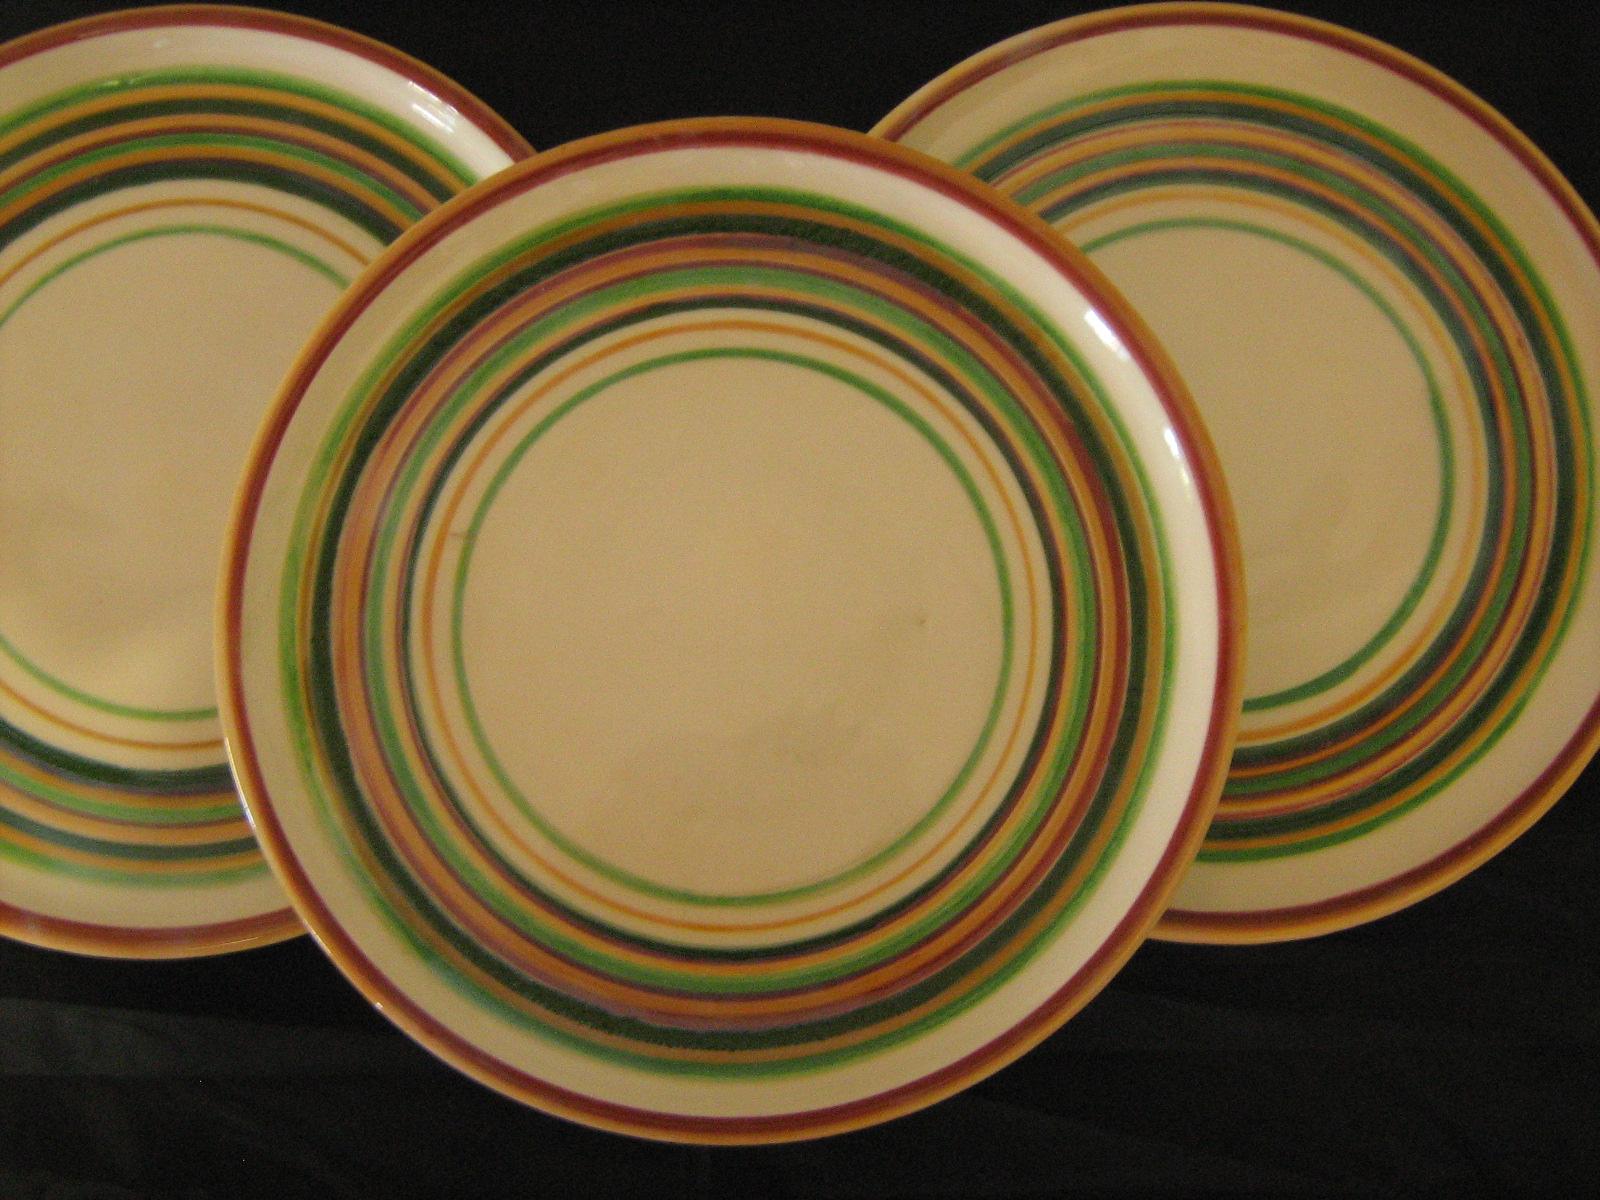 Hakuna matata ceramica artesanal platos redondos - Platos de ceramica ...